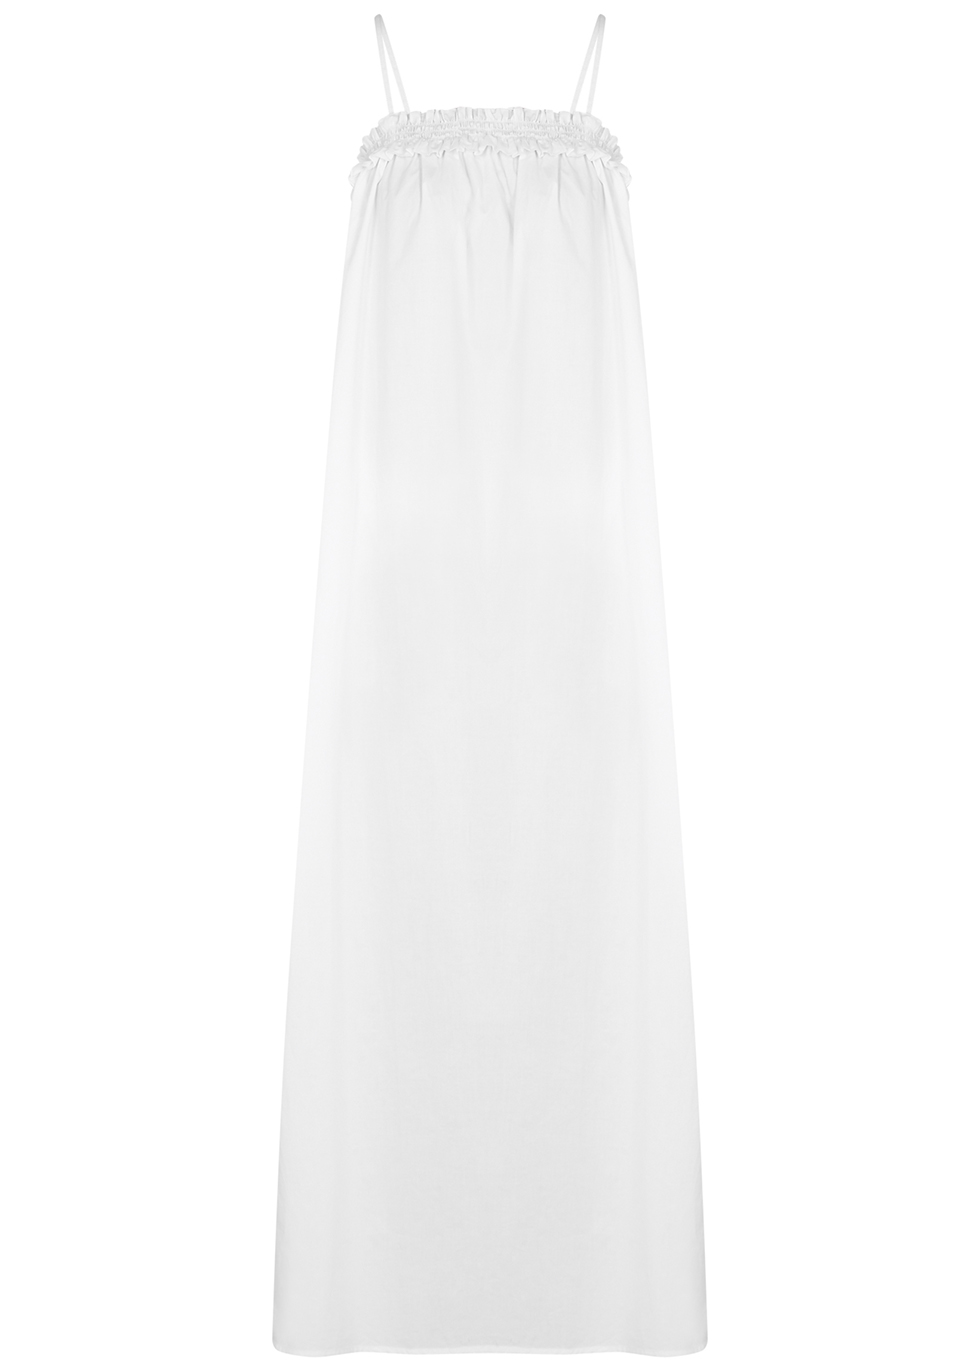 Ida white cotton maxi dress